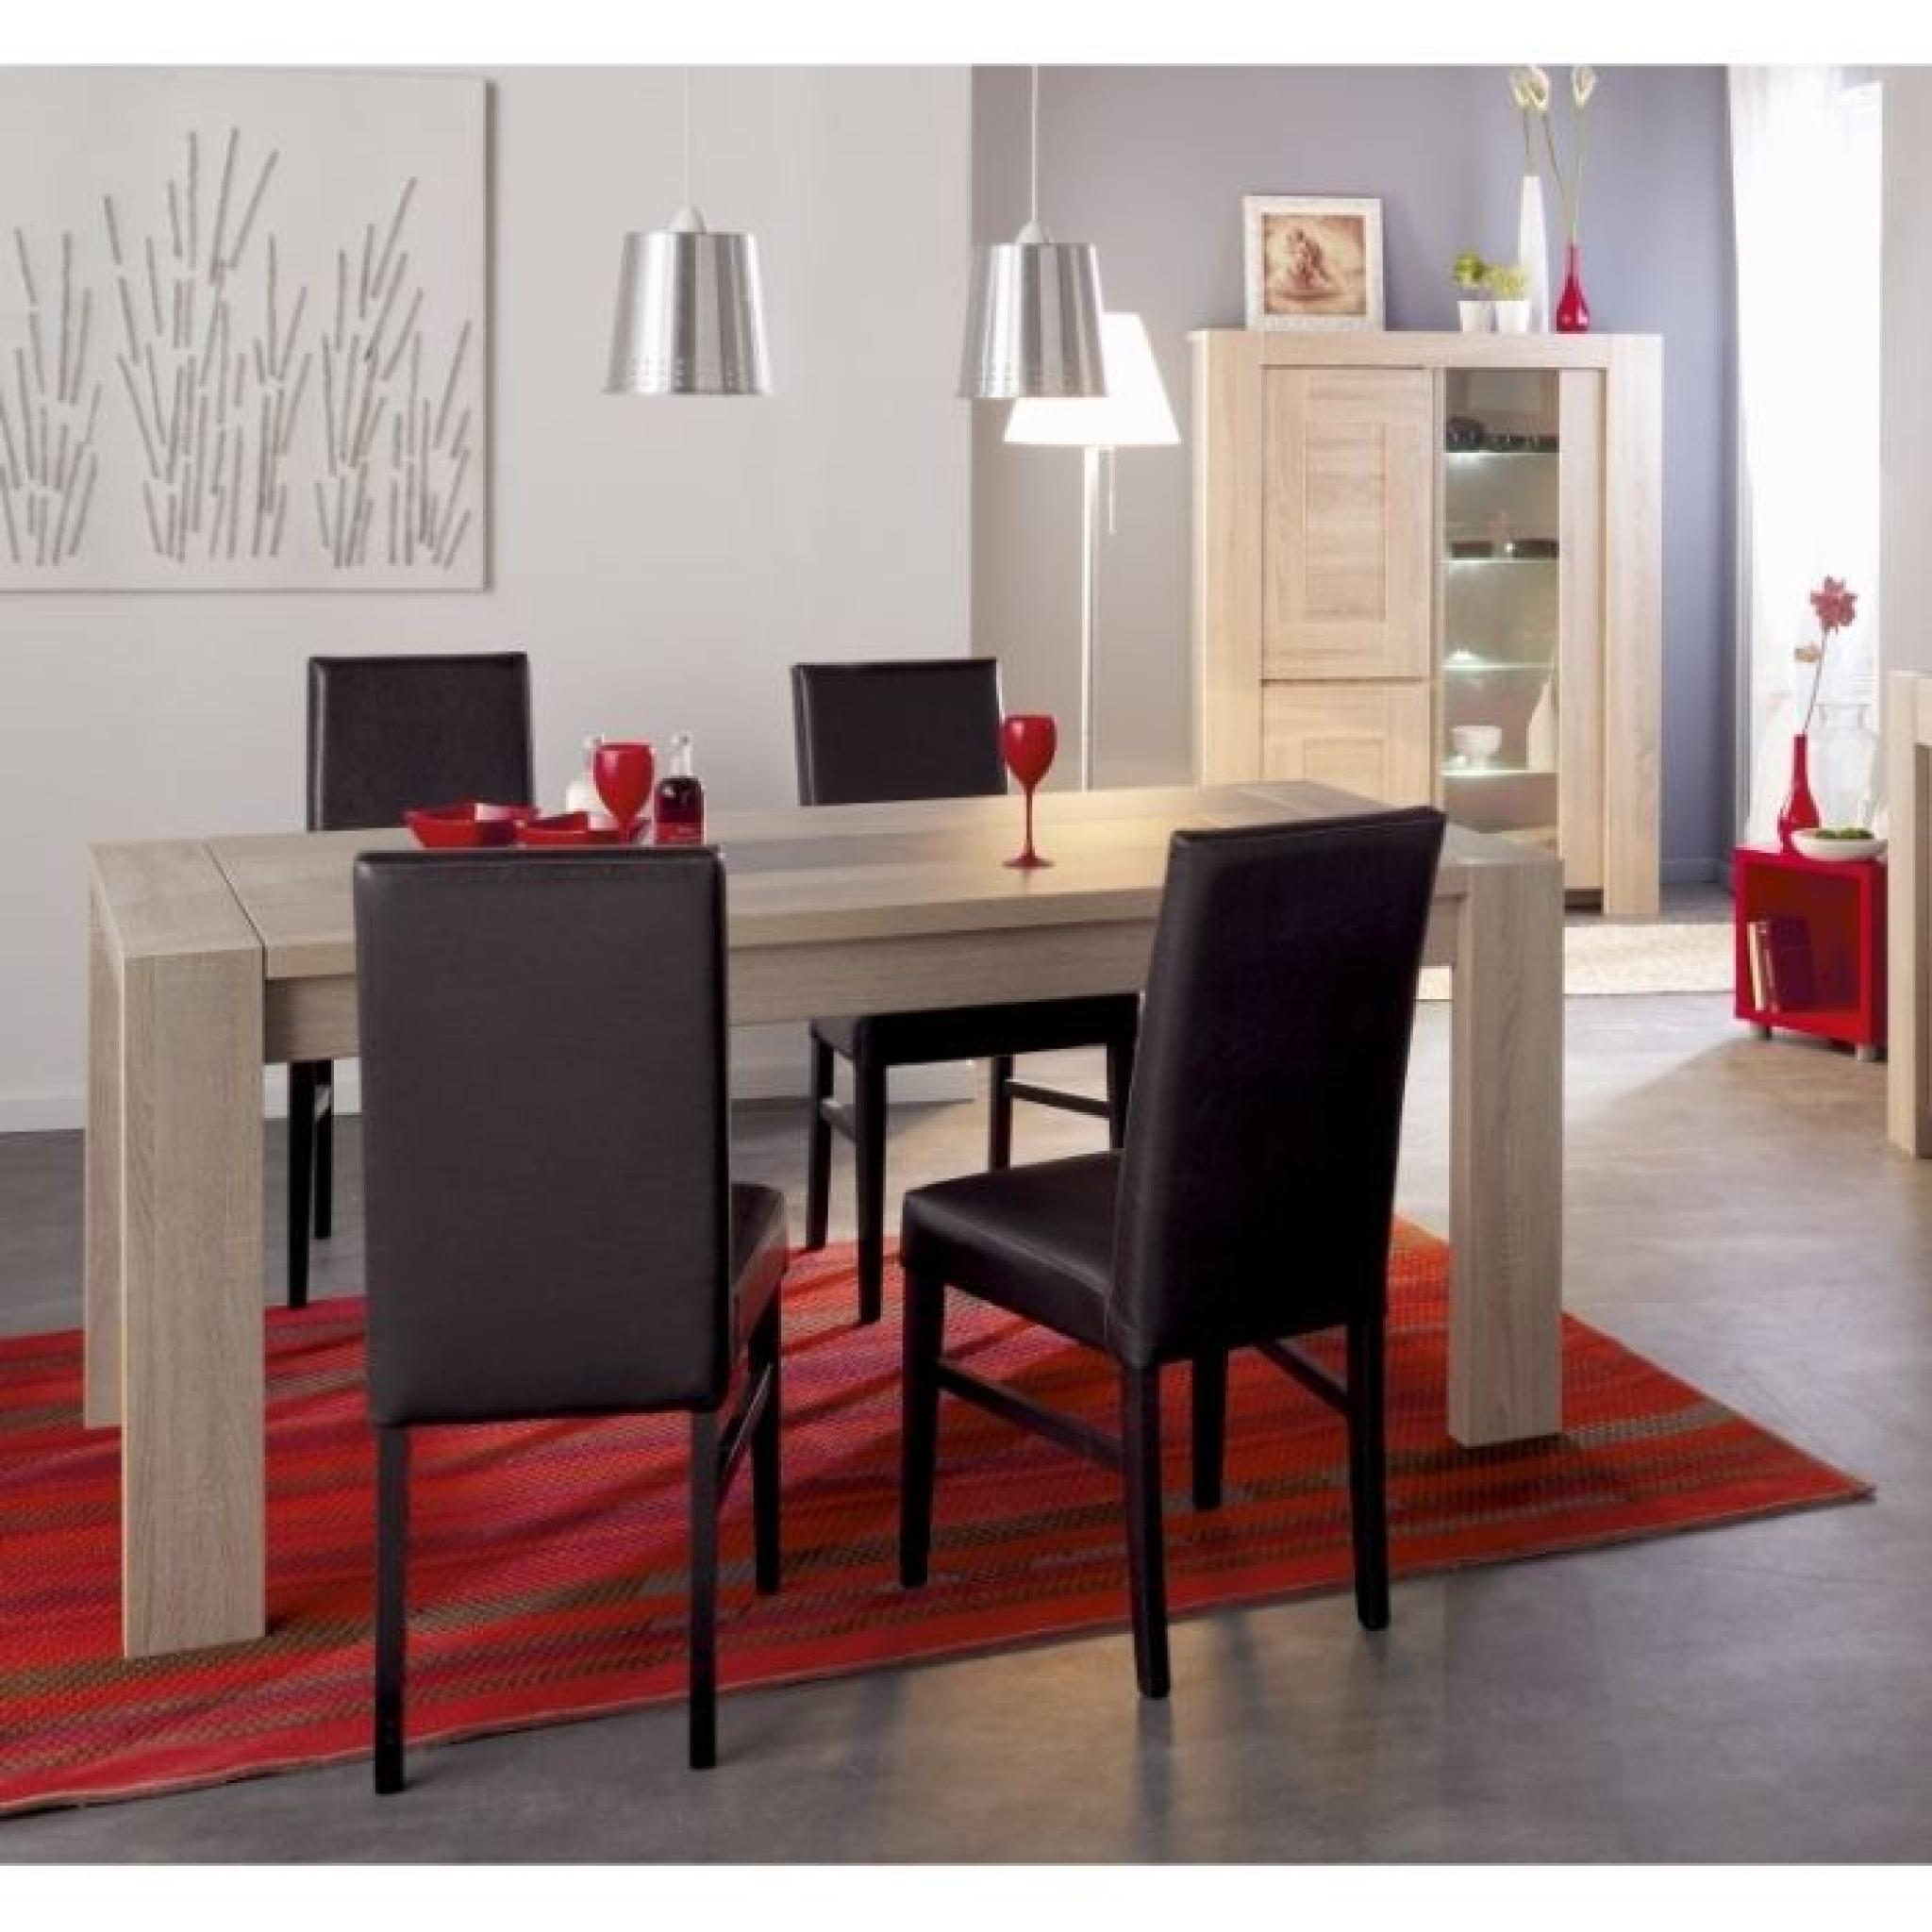 #762726 MATHIAS Table Extensible 180/240cm Coloris Chêne Achat  4159 vente salle a manger pas cher 2048x2048 px @ aertt.com